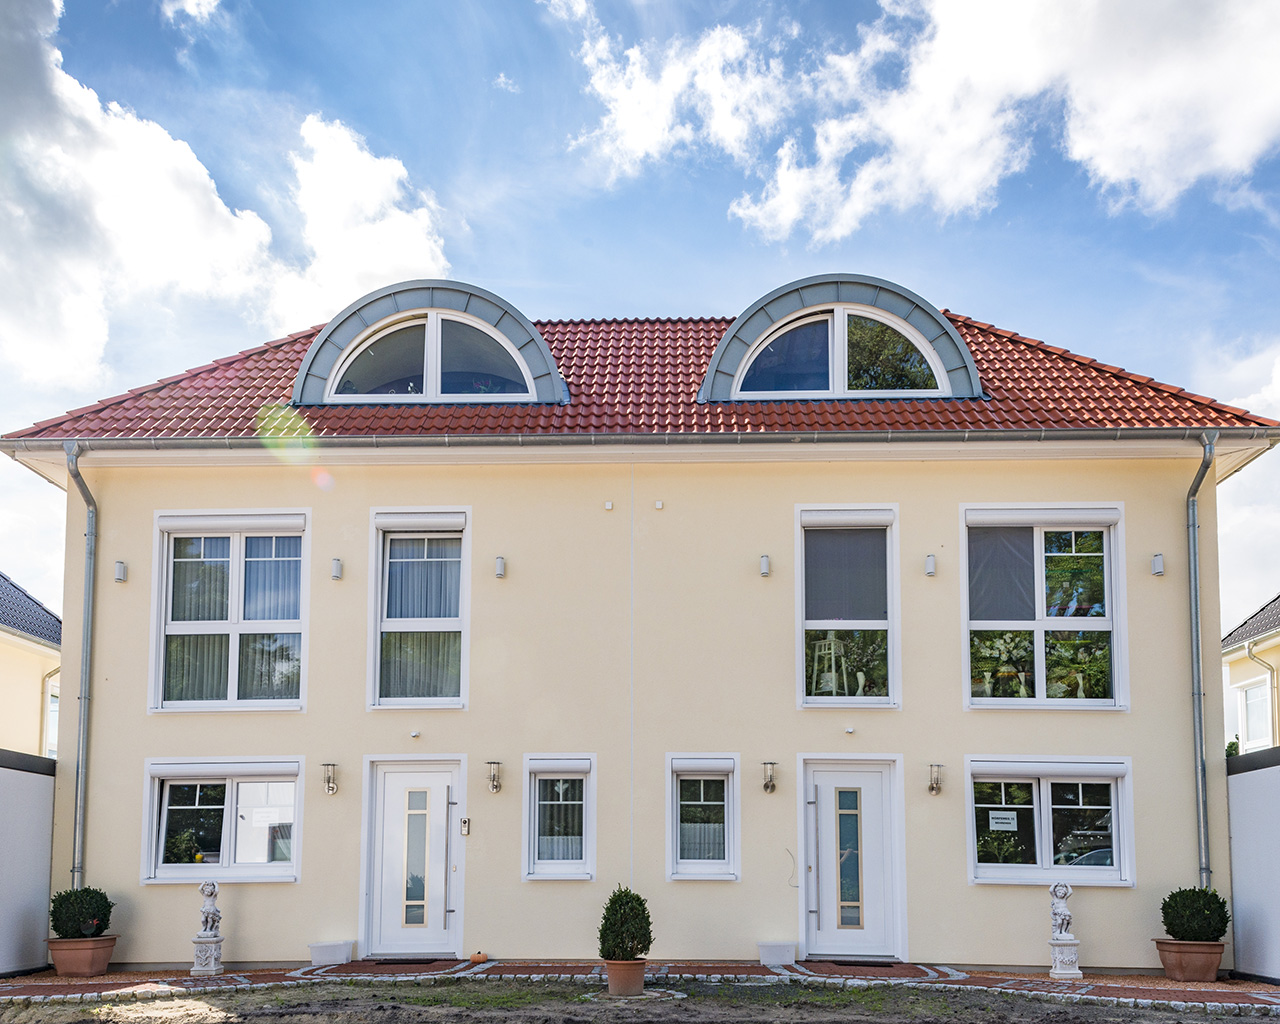 Doppelhaushälfte XL Villenstil